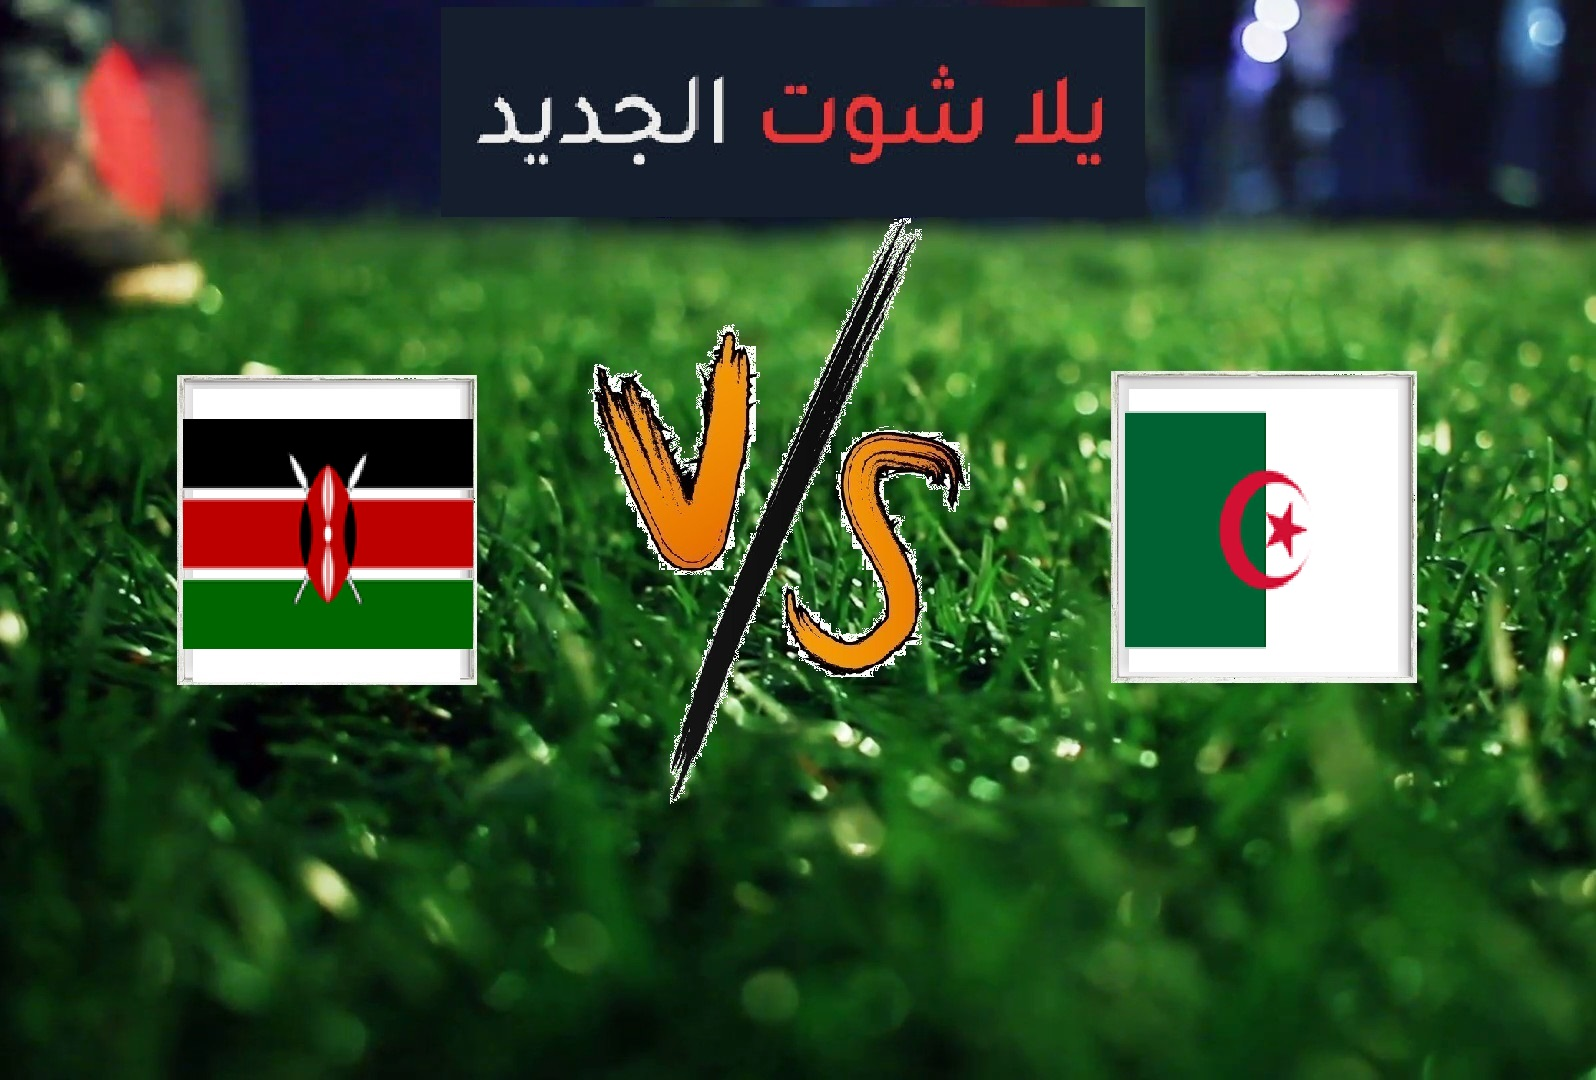 الجزائر تفوز على كينيا بهدفين دون رد اليوم الاحد بتاريخ 23-06-2019 في كأس الأمم الأفريقية